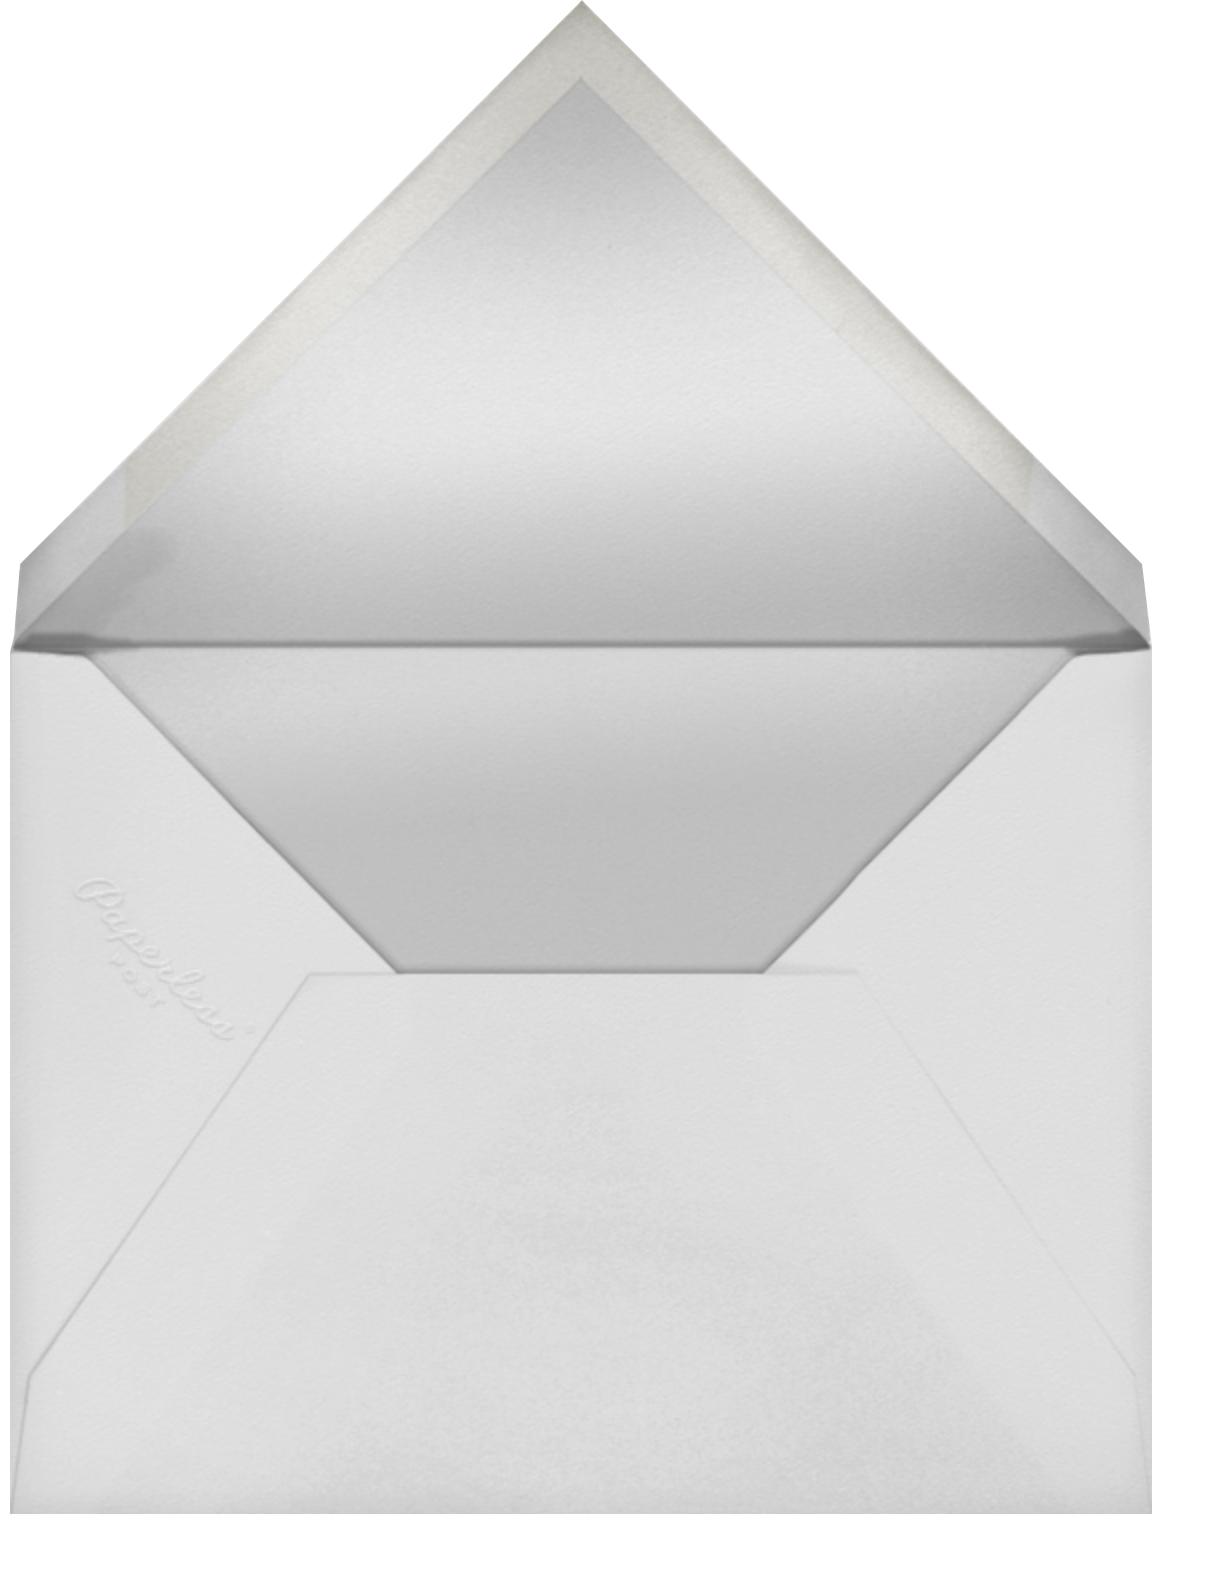 Johanna - White - Paperless Post - Envelope